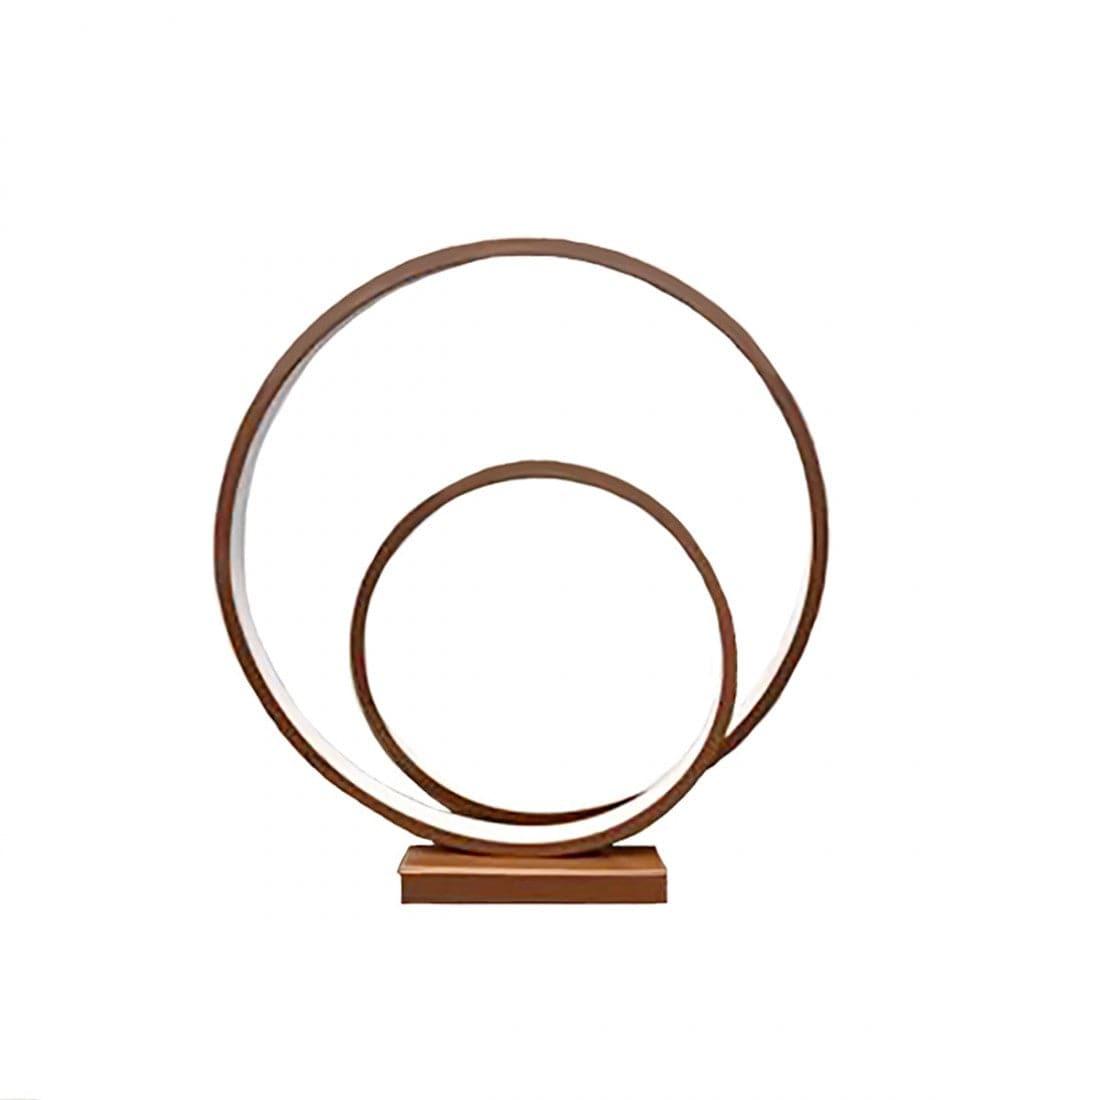 Perenz Lampada da tavolo in metallo e alluminio verniciato colore cannella